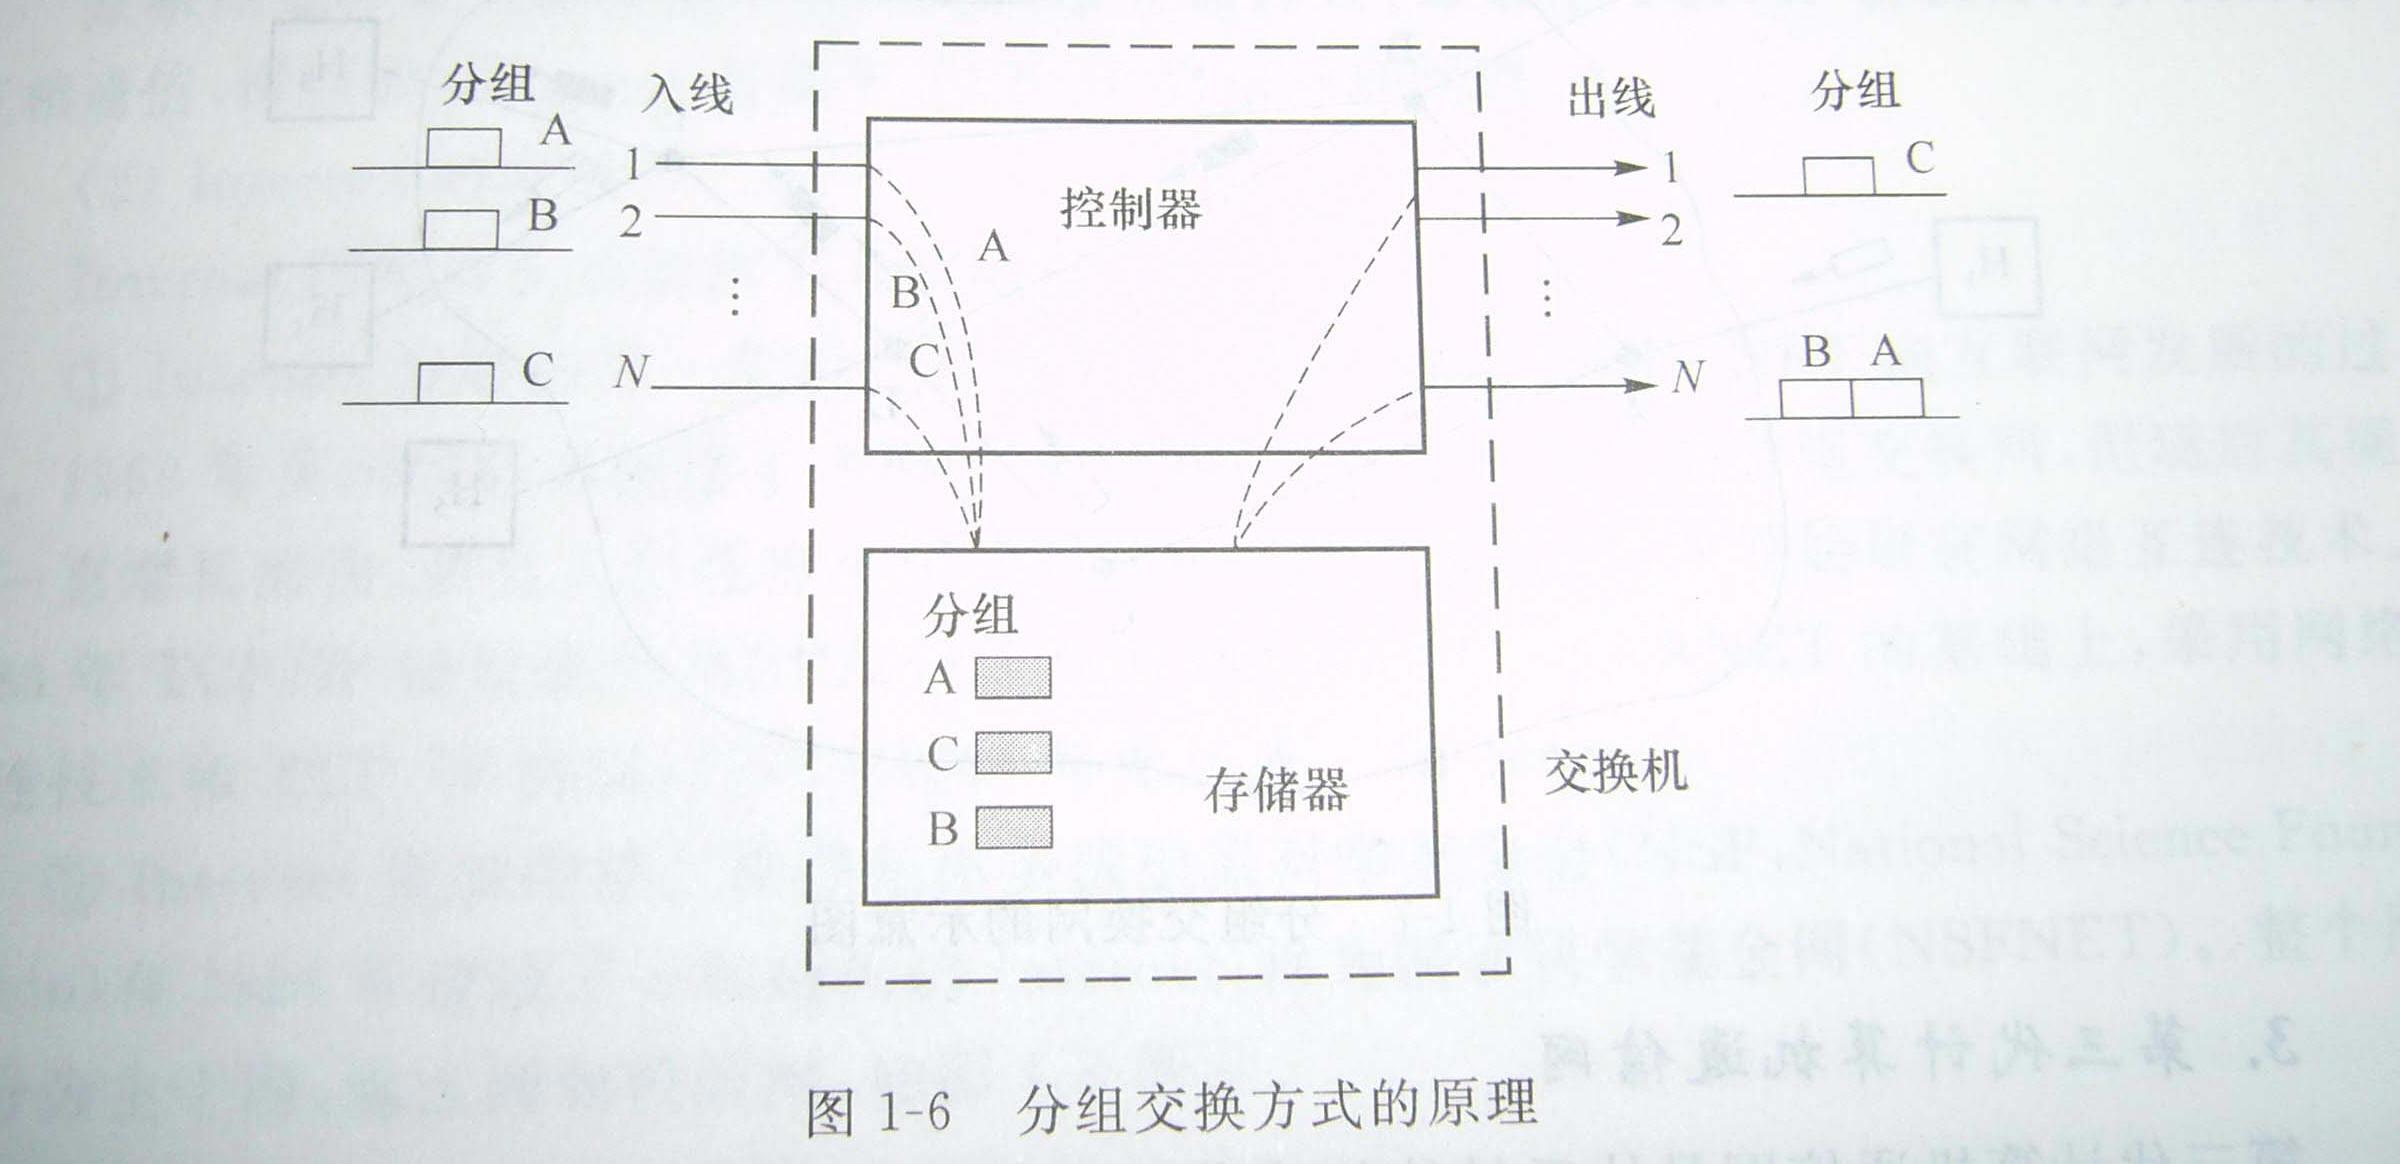 这种面向终端的计算机通信网的网络结构是以单个主机